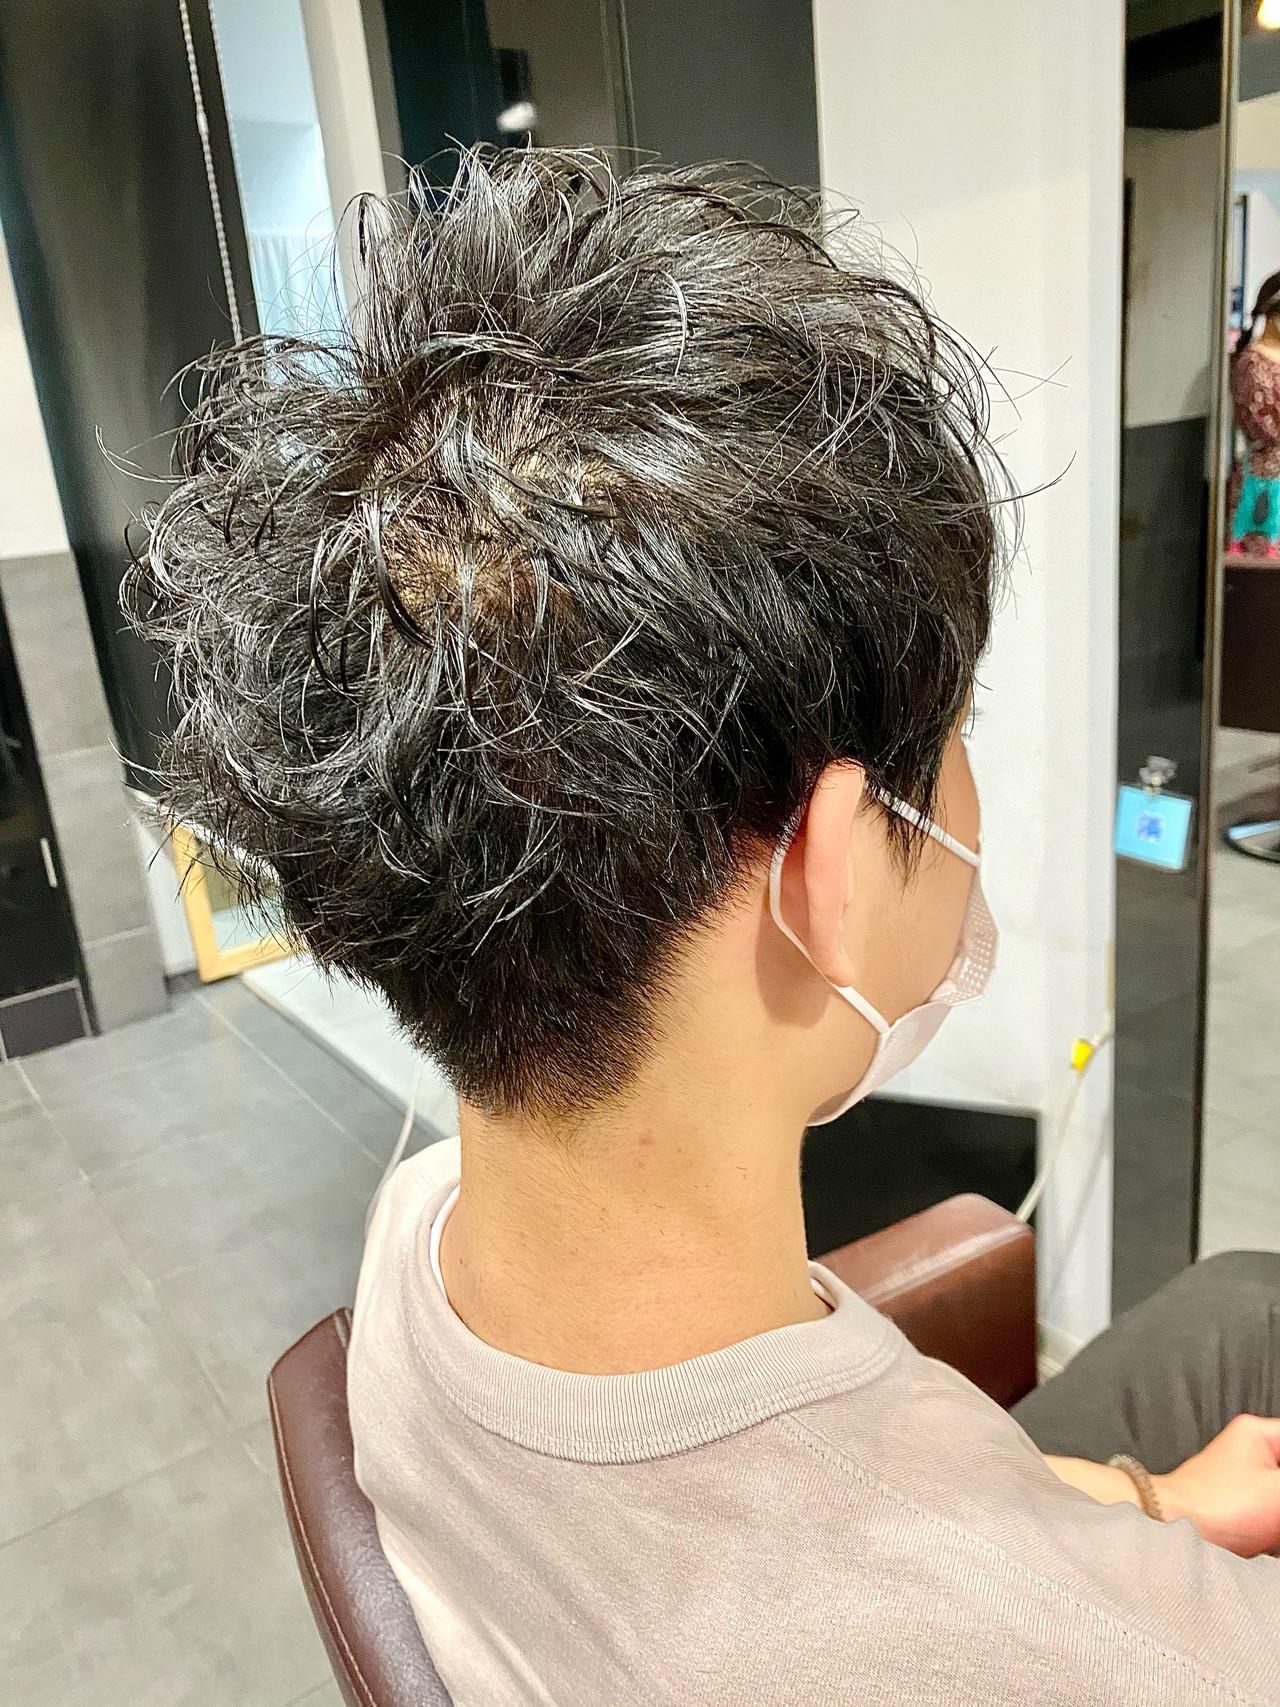 メンズカット スパイラルパーマ ショート メンズマッシュヘアスタイルや髪型の写真・画像